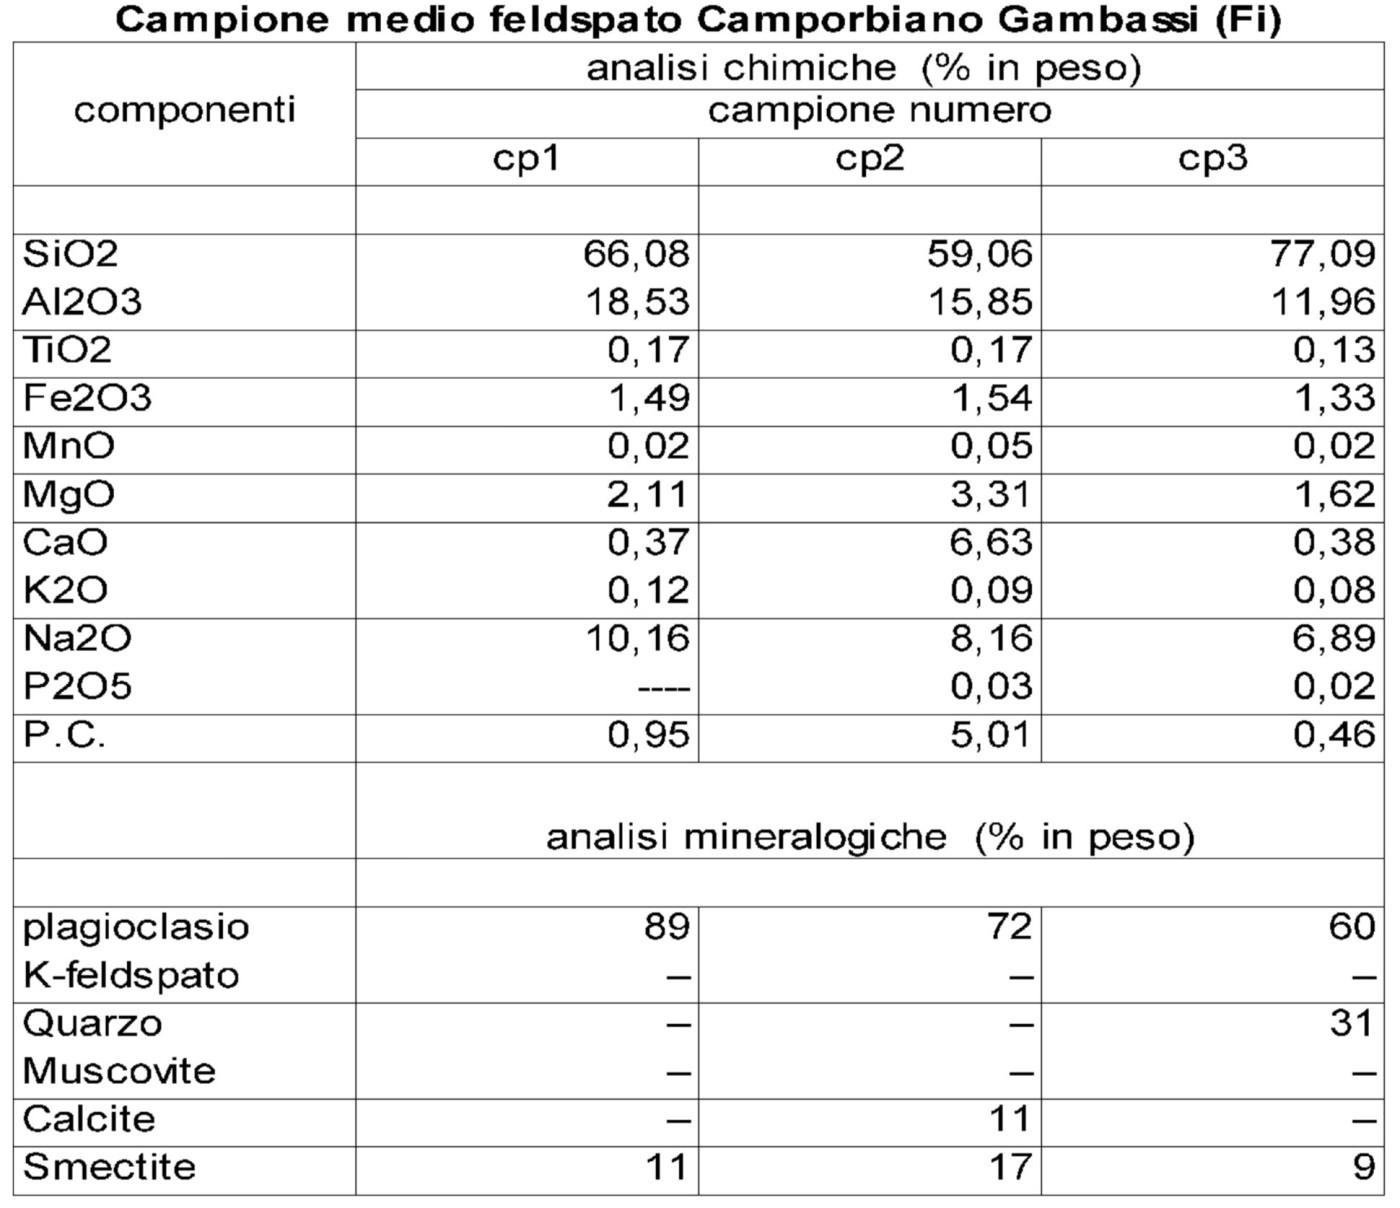 Tab. 2 - Risultati delle analisi chimiche effettuate nel 1988 su campioni di plagiogranito del Borro dell'Acqua Calda (Pucci S., 2013)